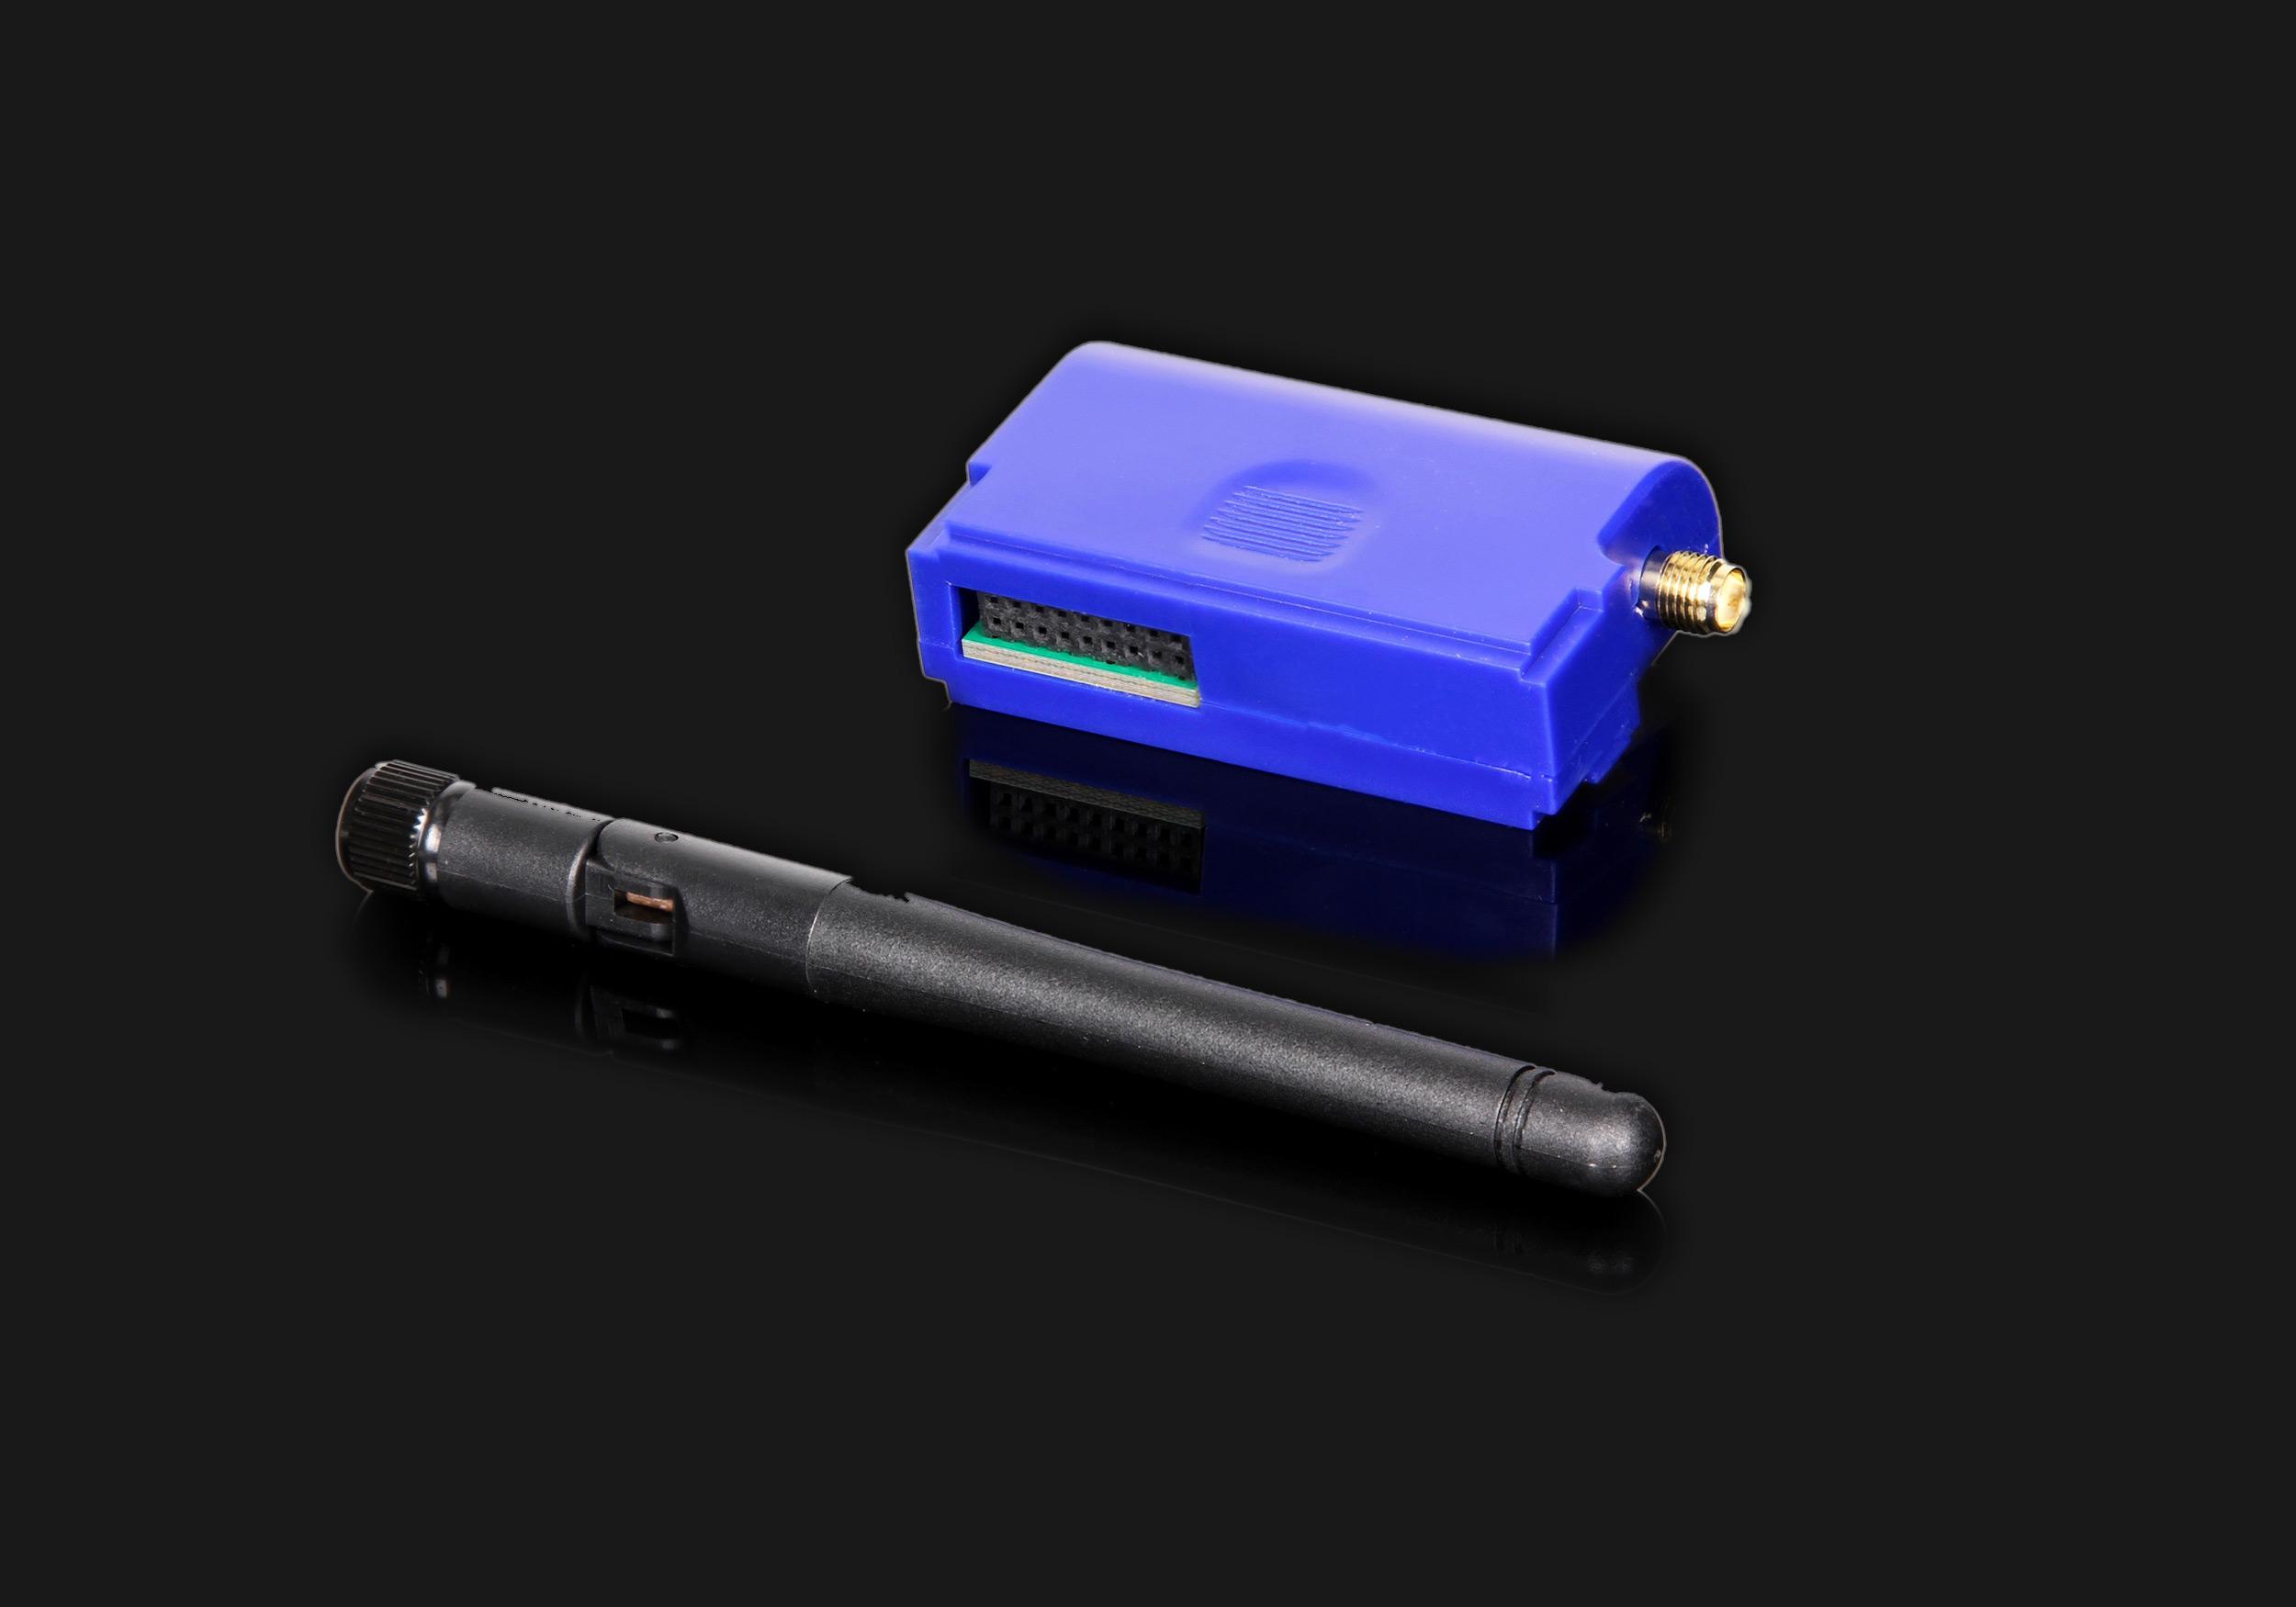 Eis Sound nagłośnienie Bluetooth do łazienki 52593